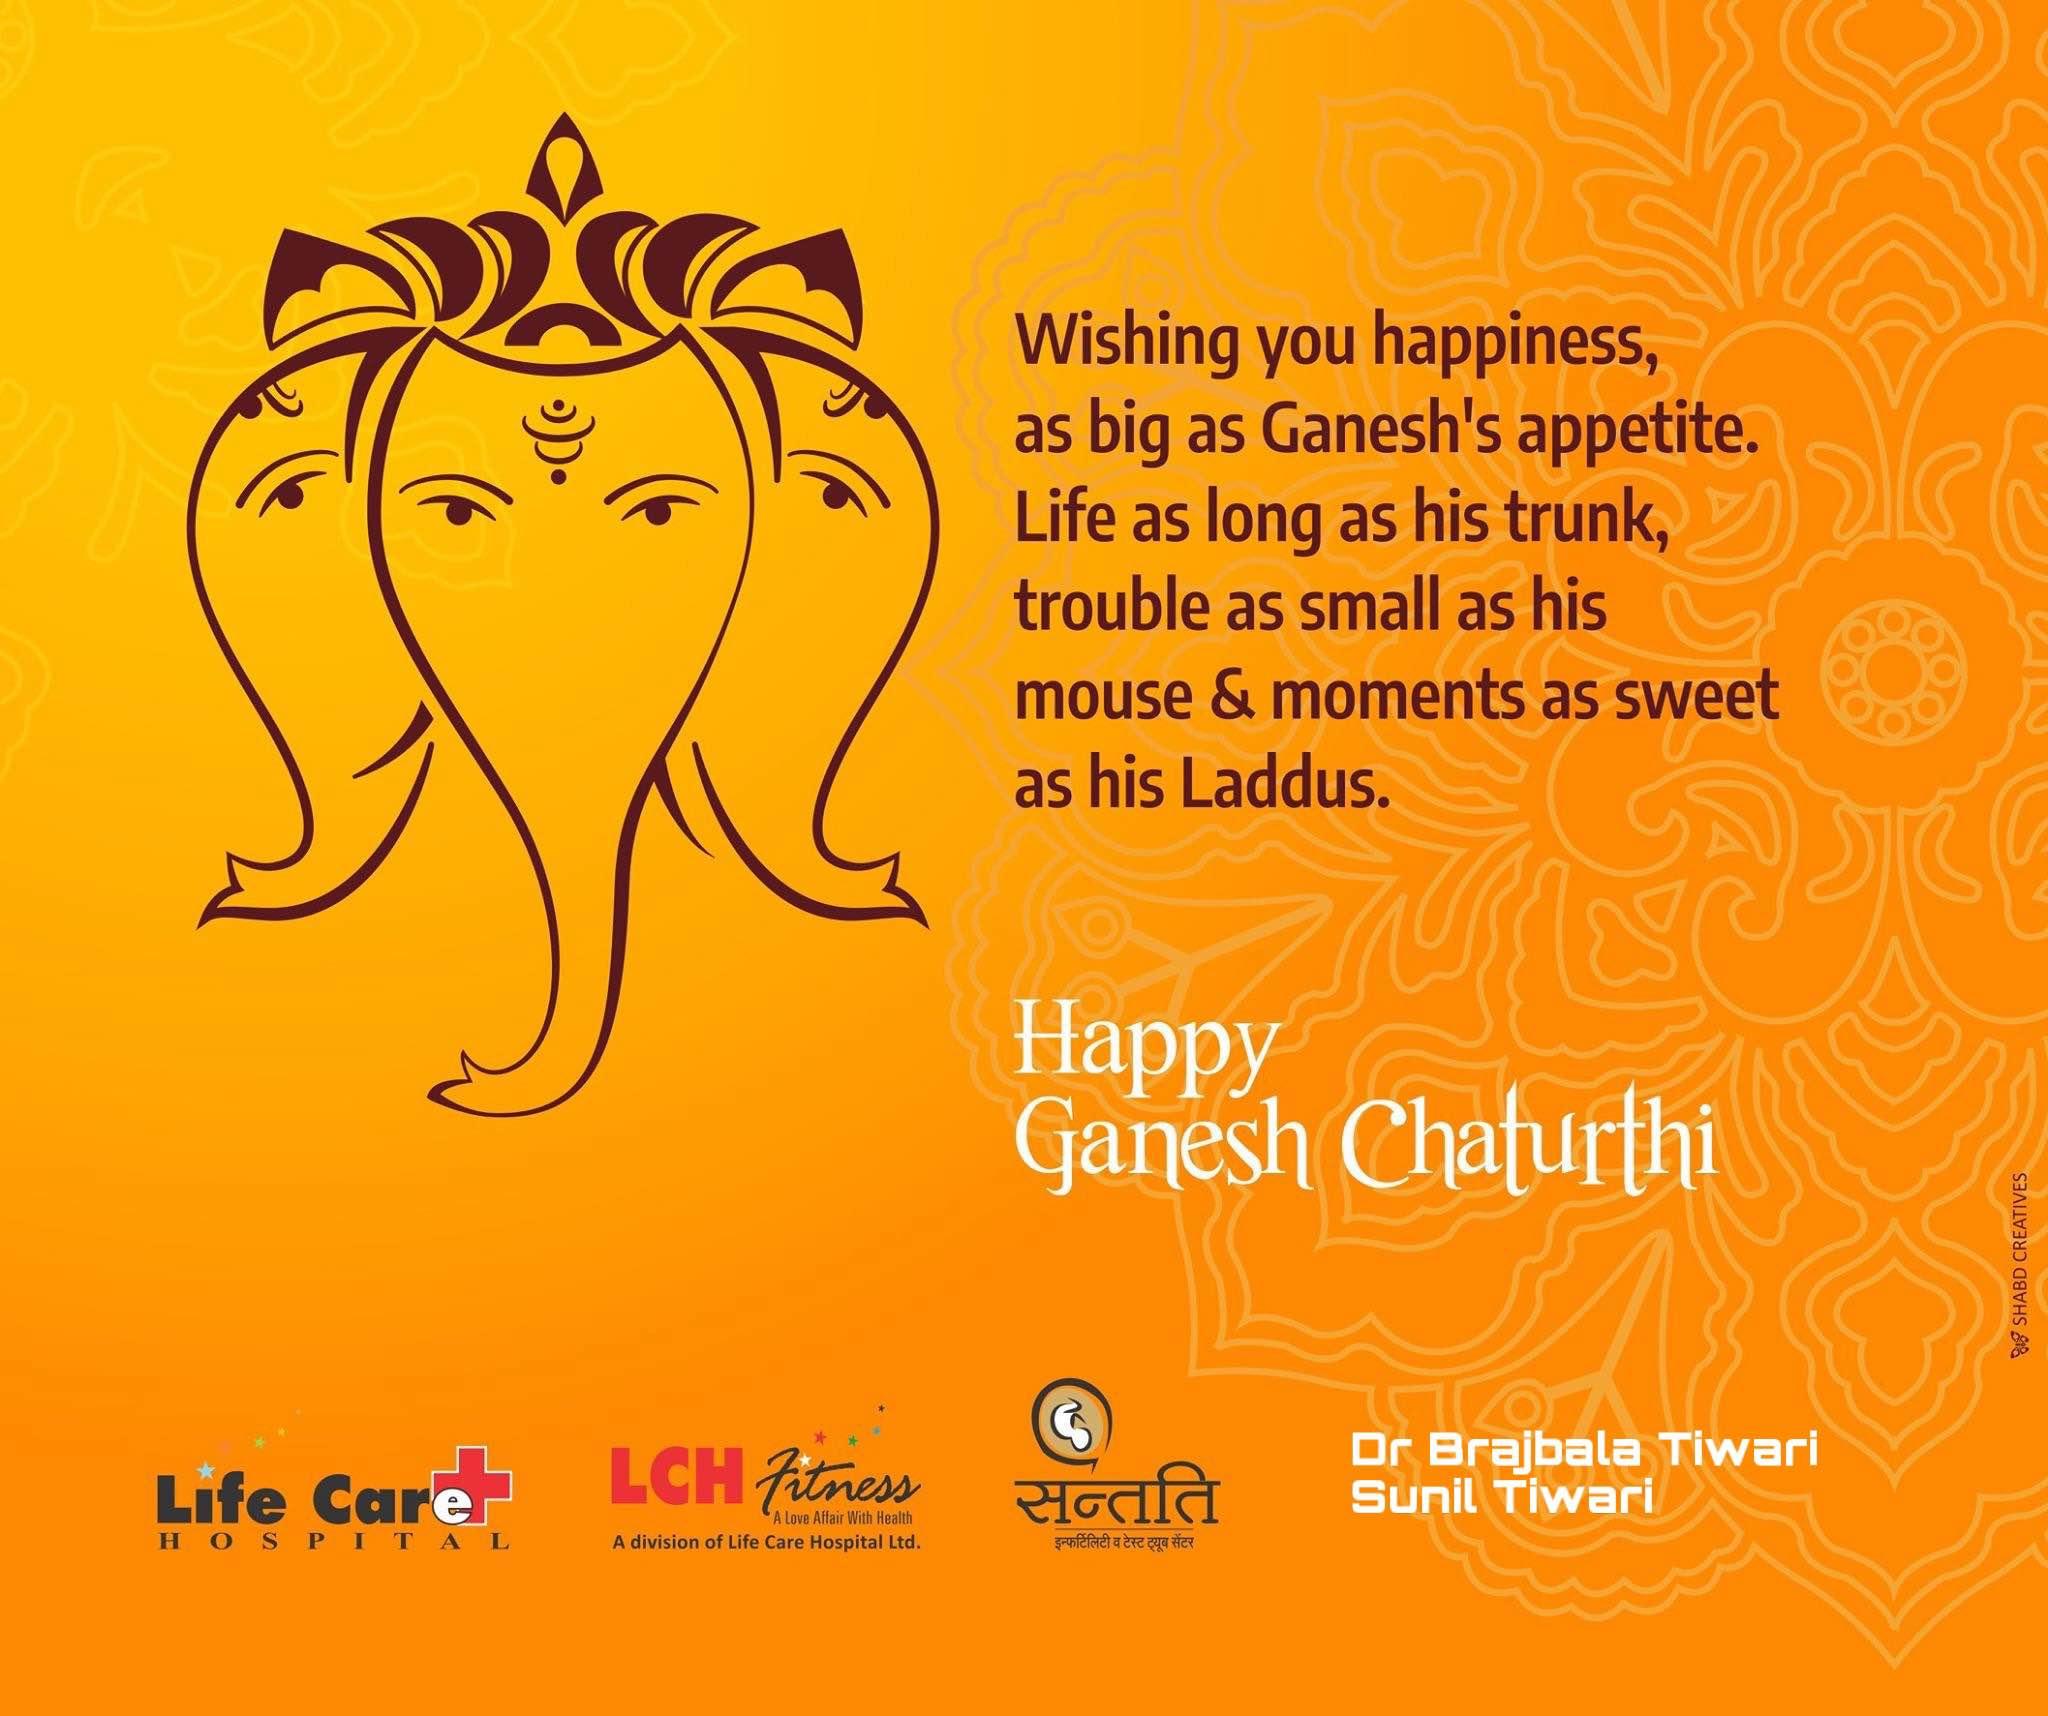 May lord Ganesha enr